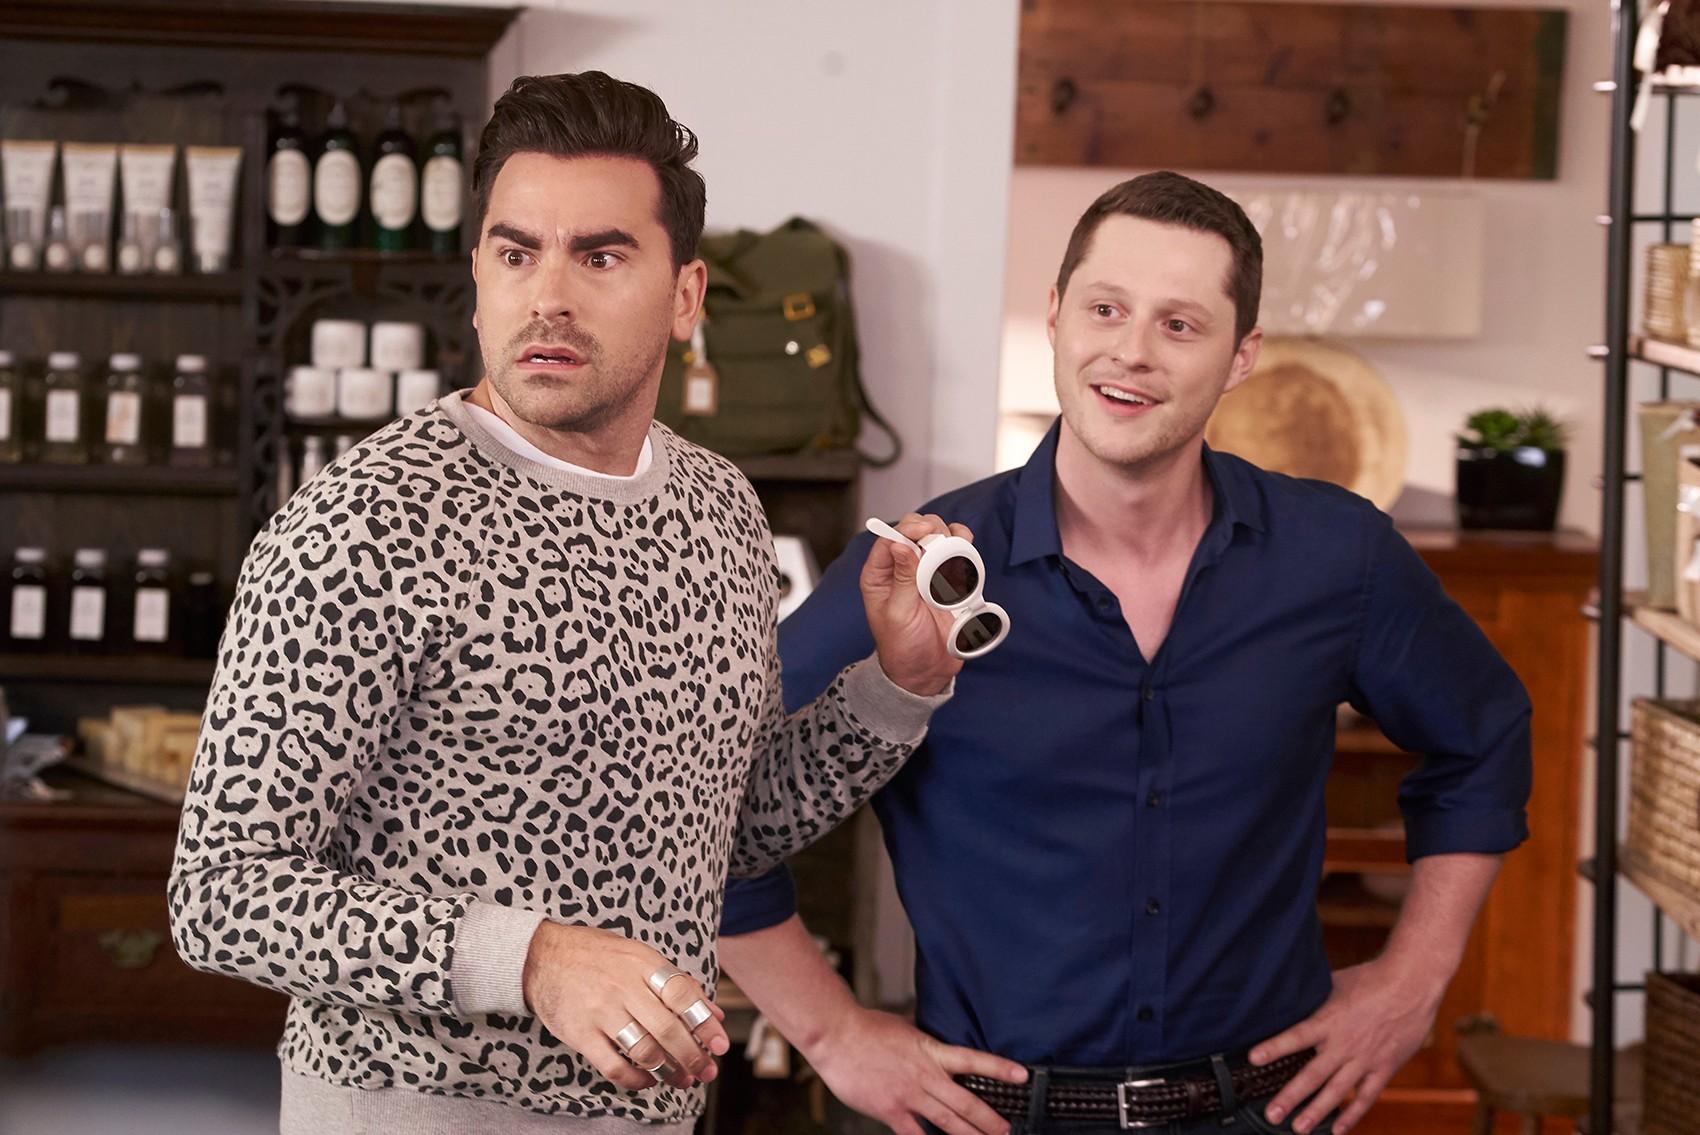 Une série en six saisons (80 épisodes) d'Eugene et Daniel Levy, que Canal+ devrait diffuser dans le courant de l'année.